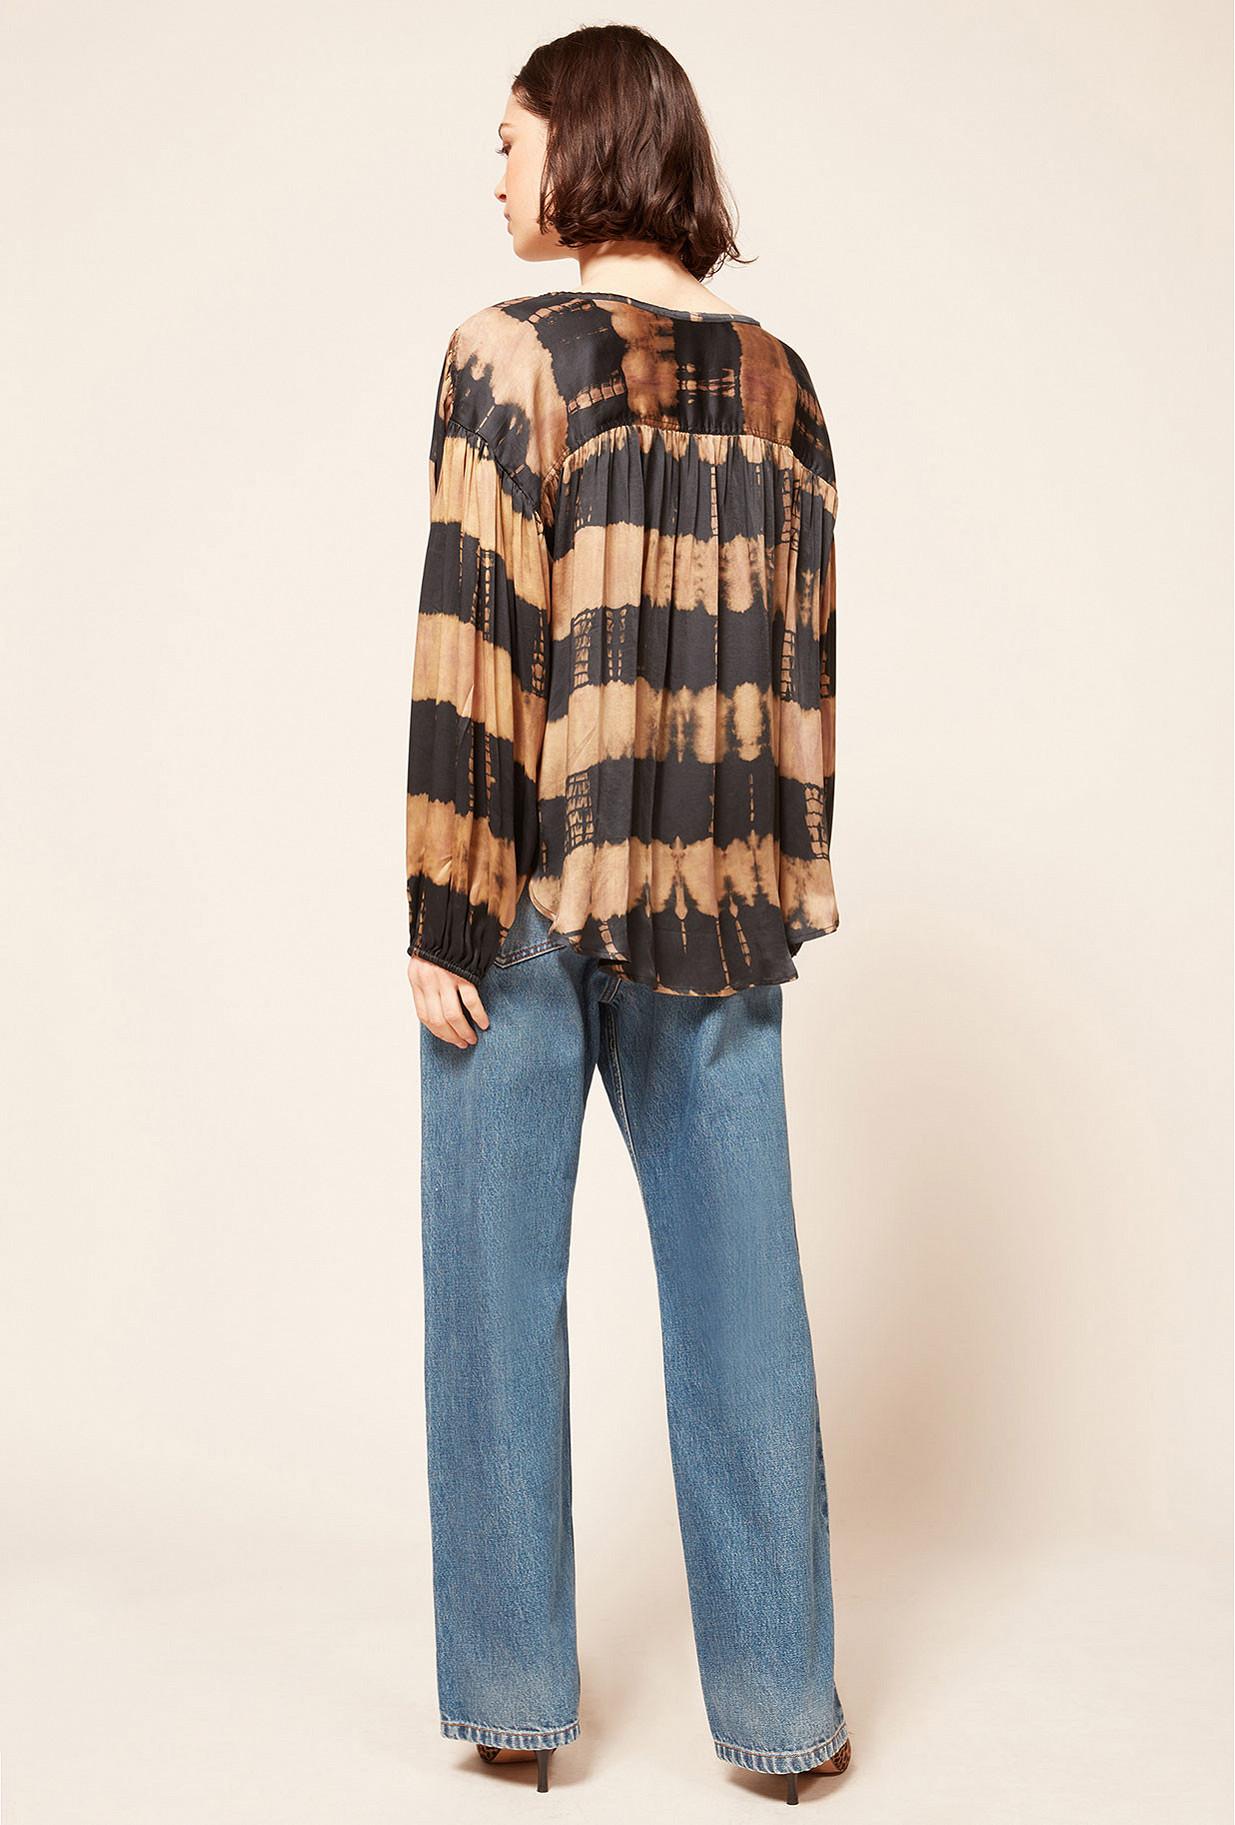 Paris boutique de mode vêtement Blouse créateur bohème Danoise